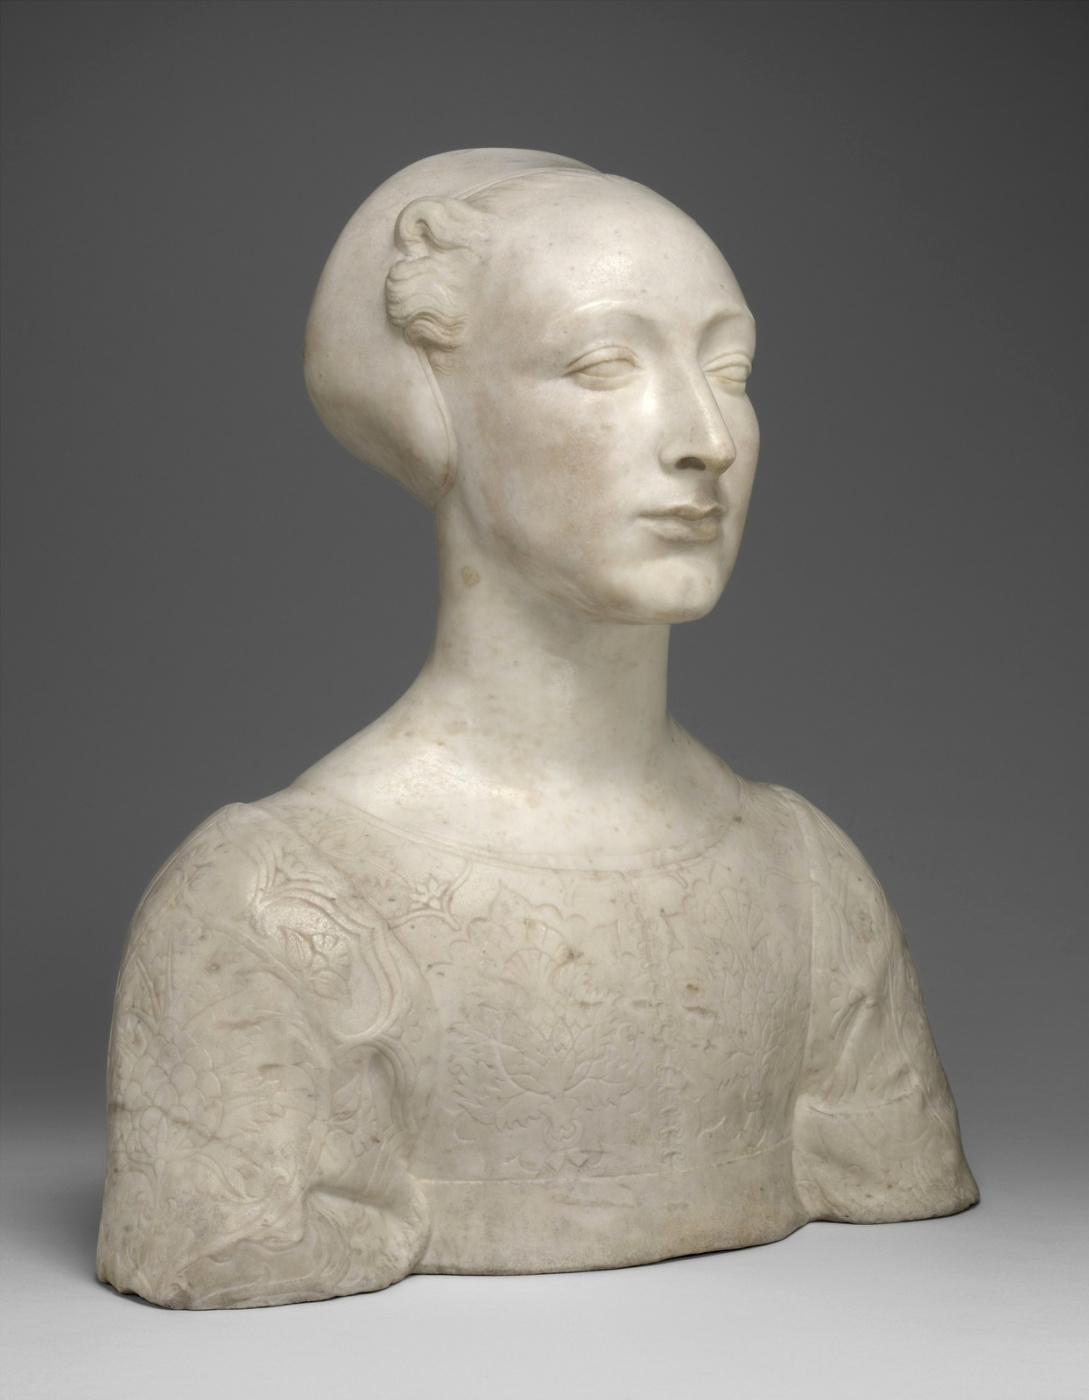 Андреа дель Вероккьо. Portrait of a young woman